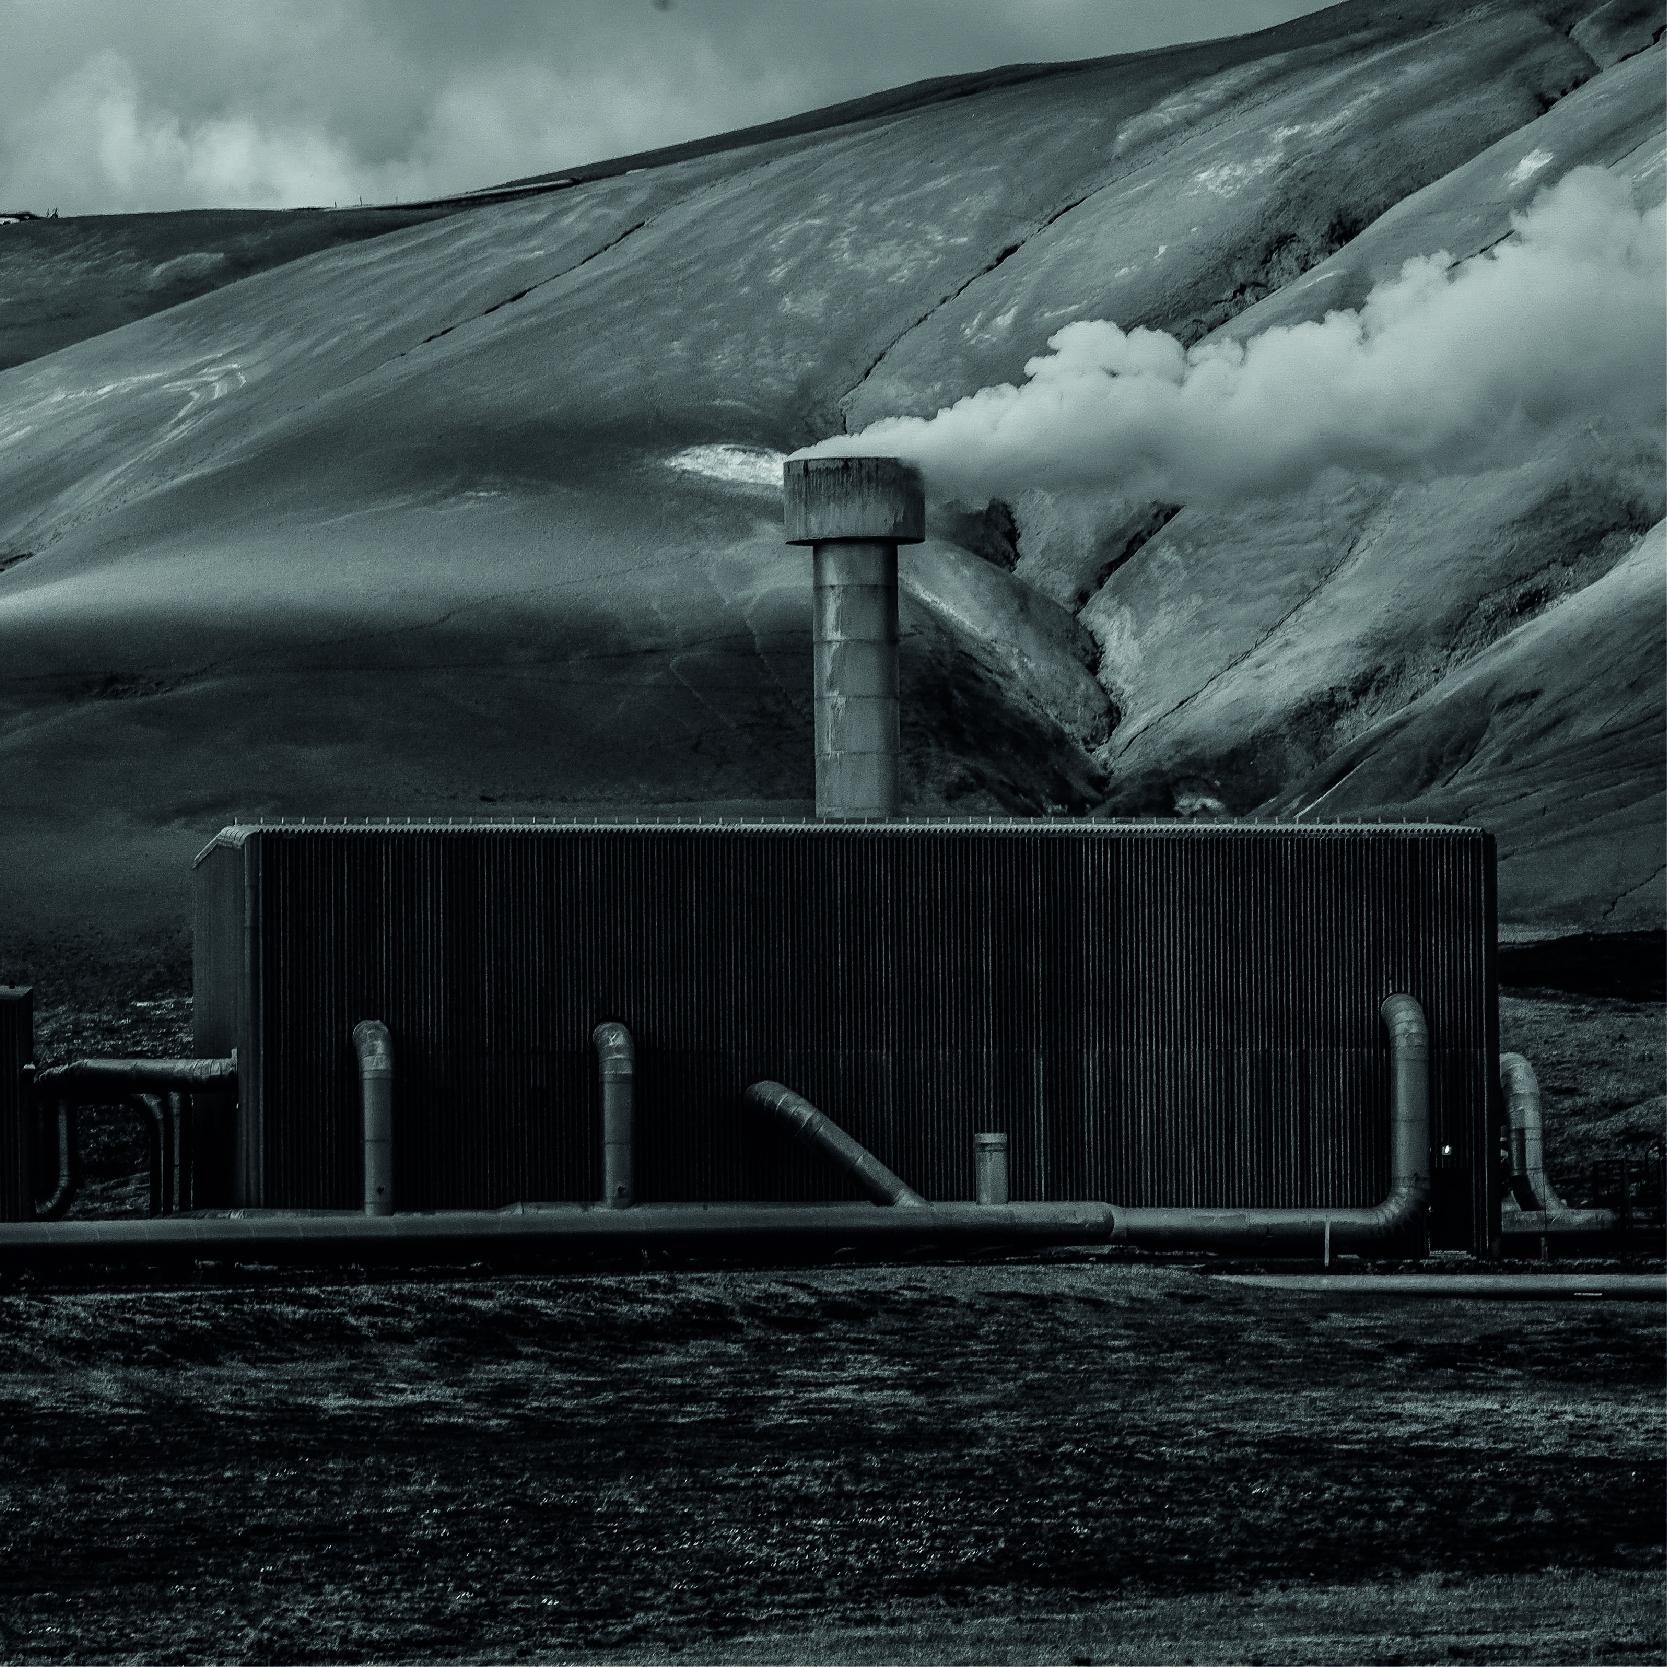 Notre solution rend possible la valorisation des pertes thermiques, notamment dans les secteurs tels que la métallurgie, la verrerie ou la chimie